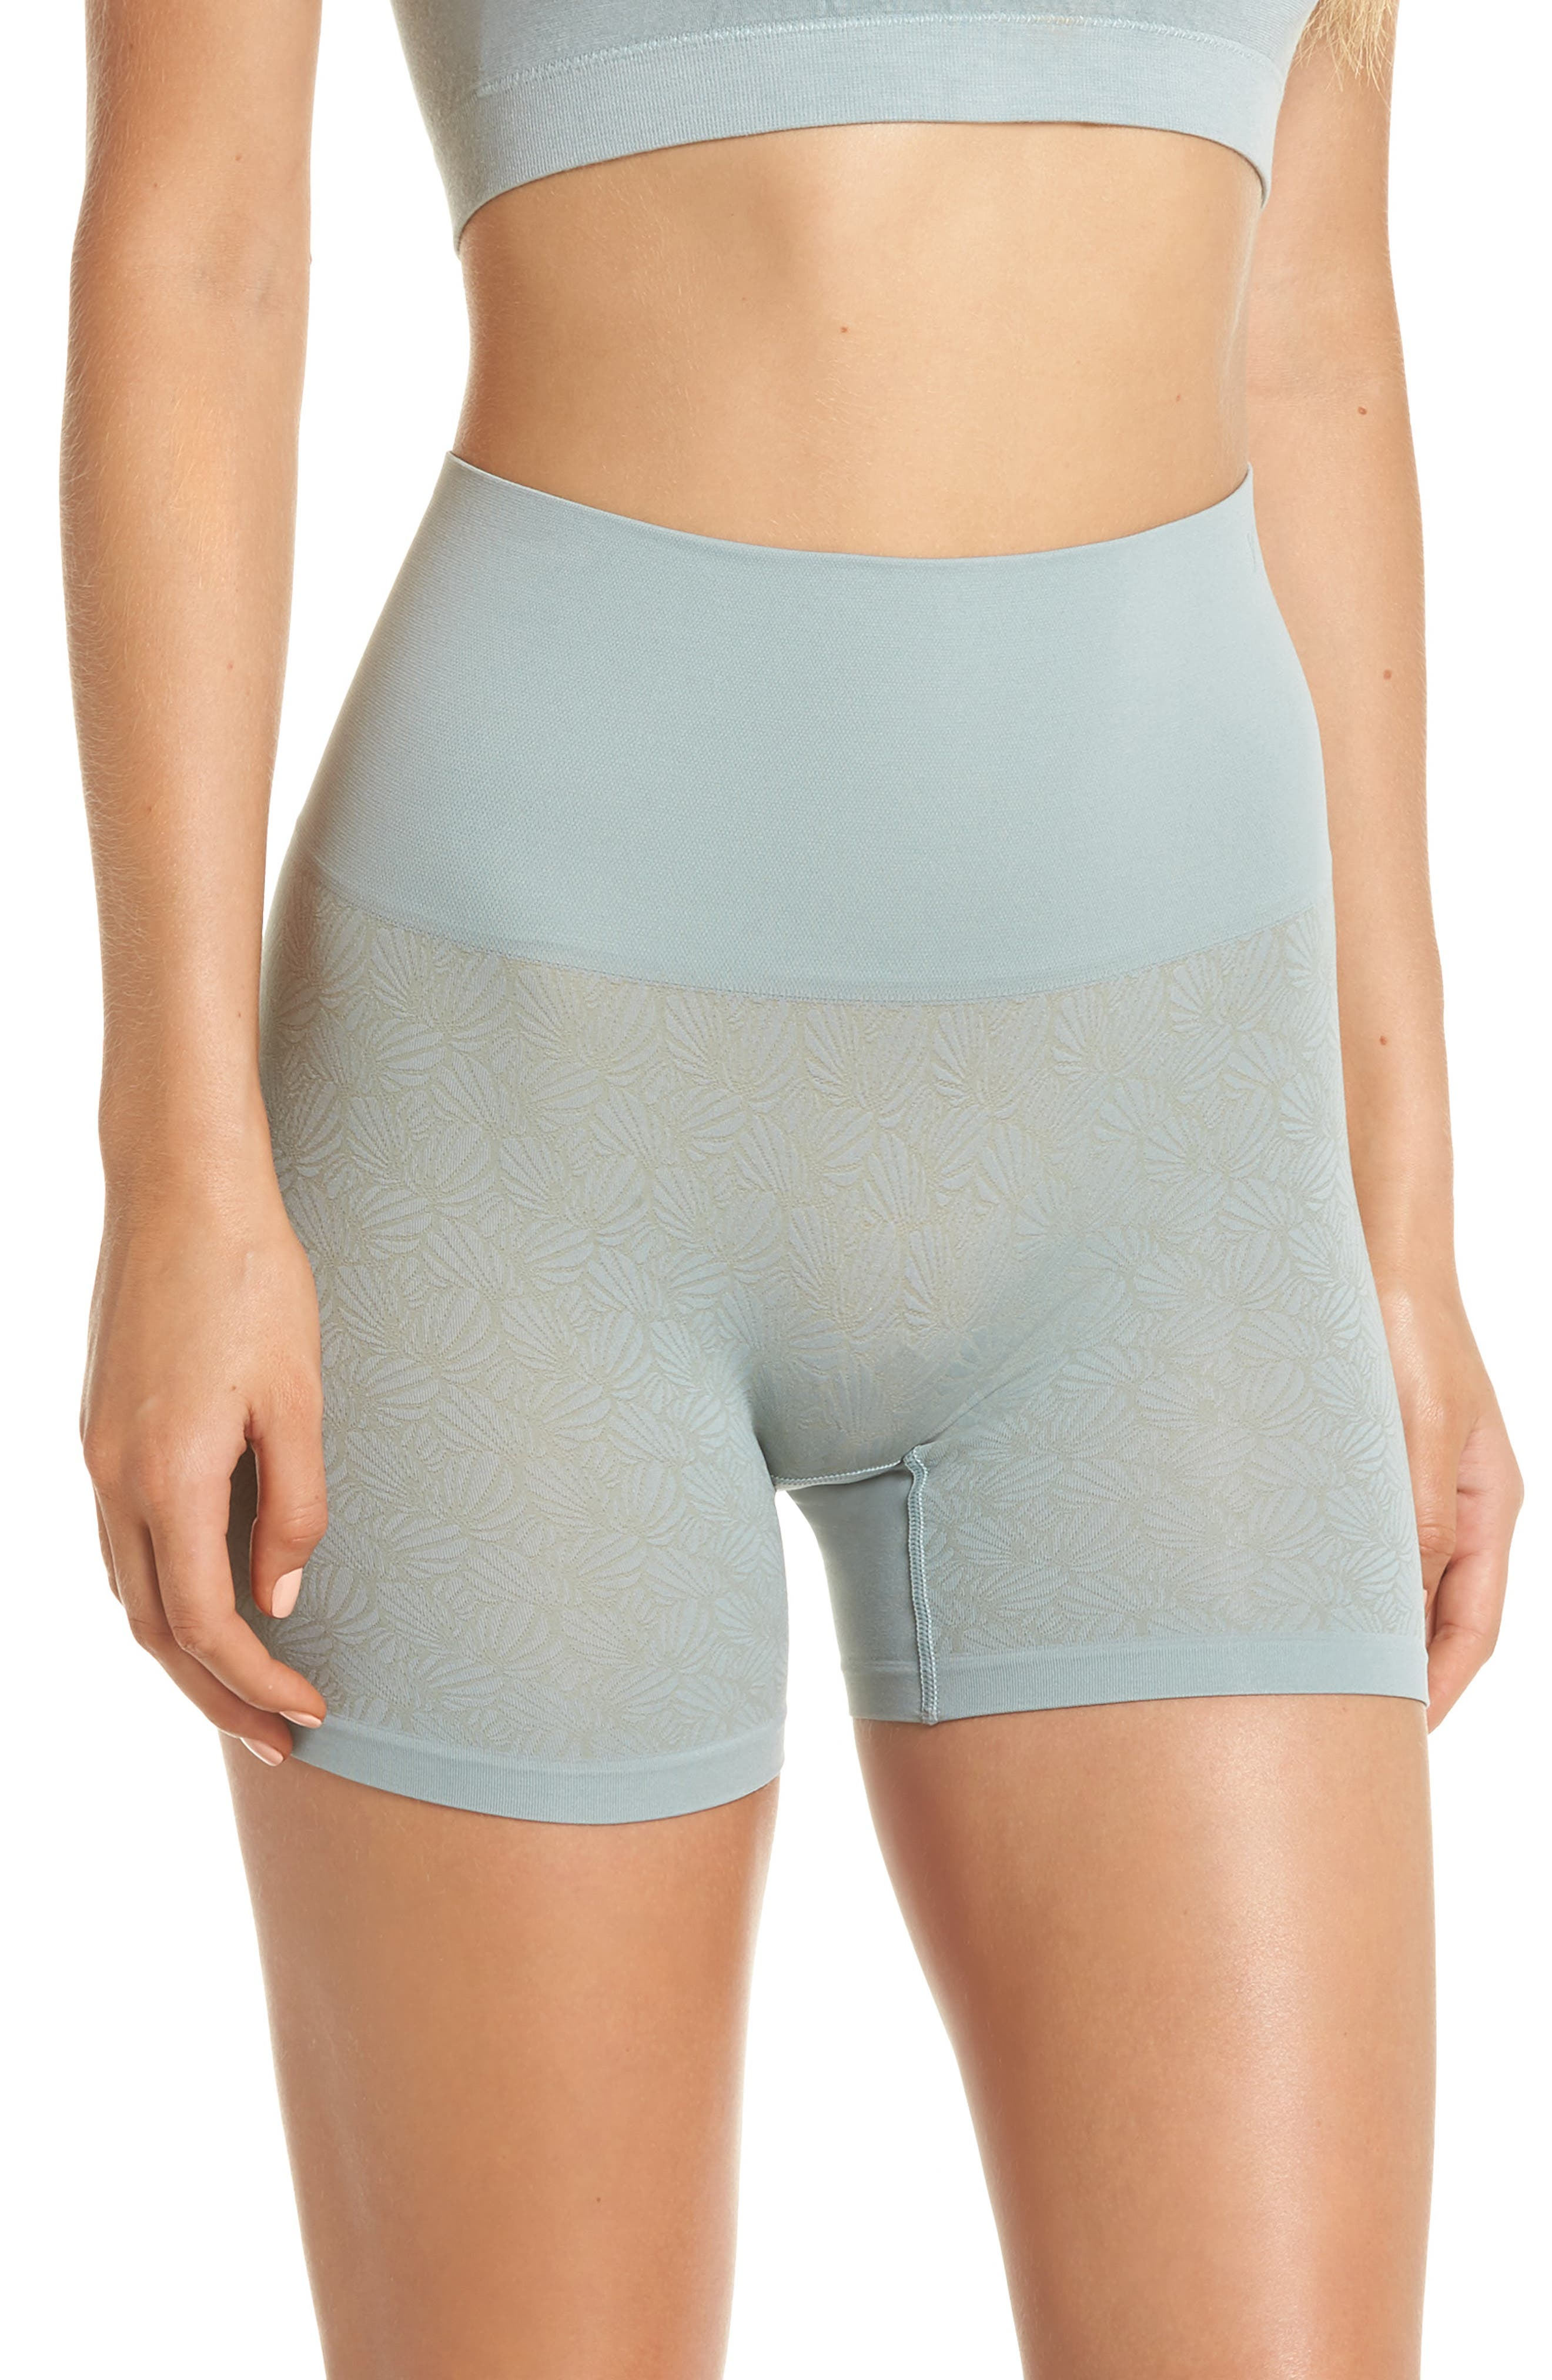 Ultralight Seamless Shaping Shorts,                             Main thumbnail 1, color,                             SILVER BLUE